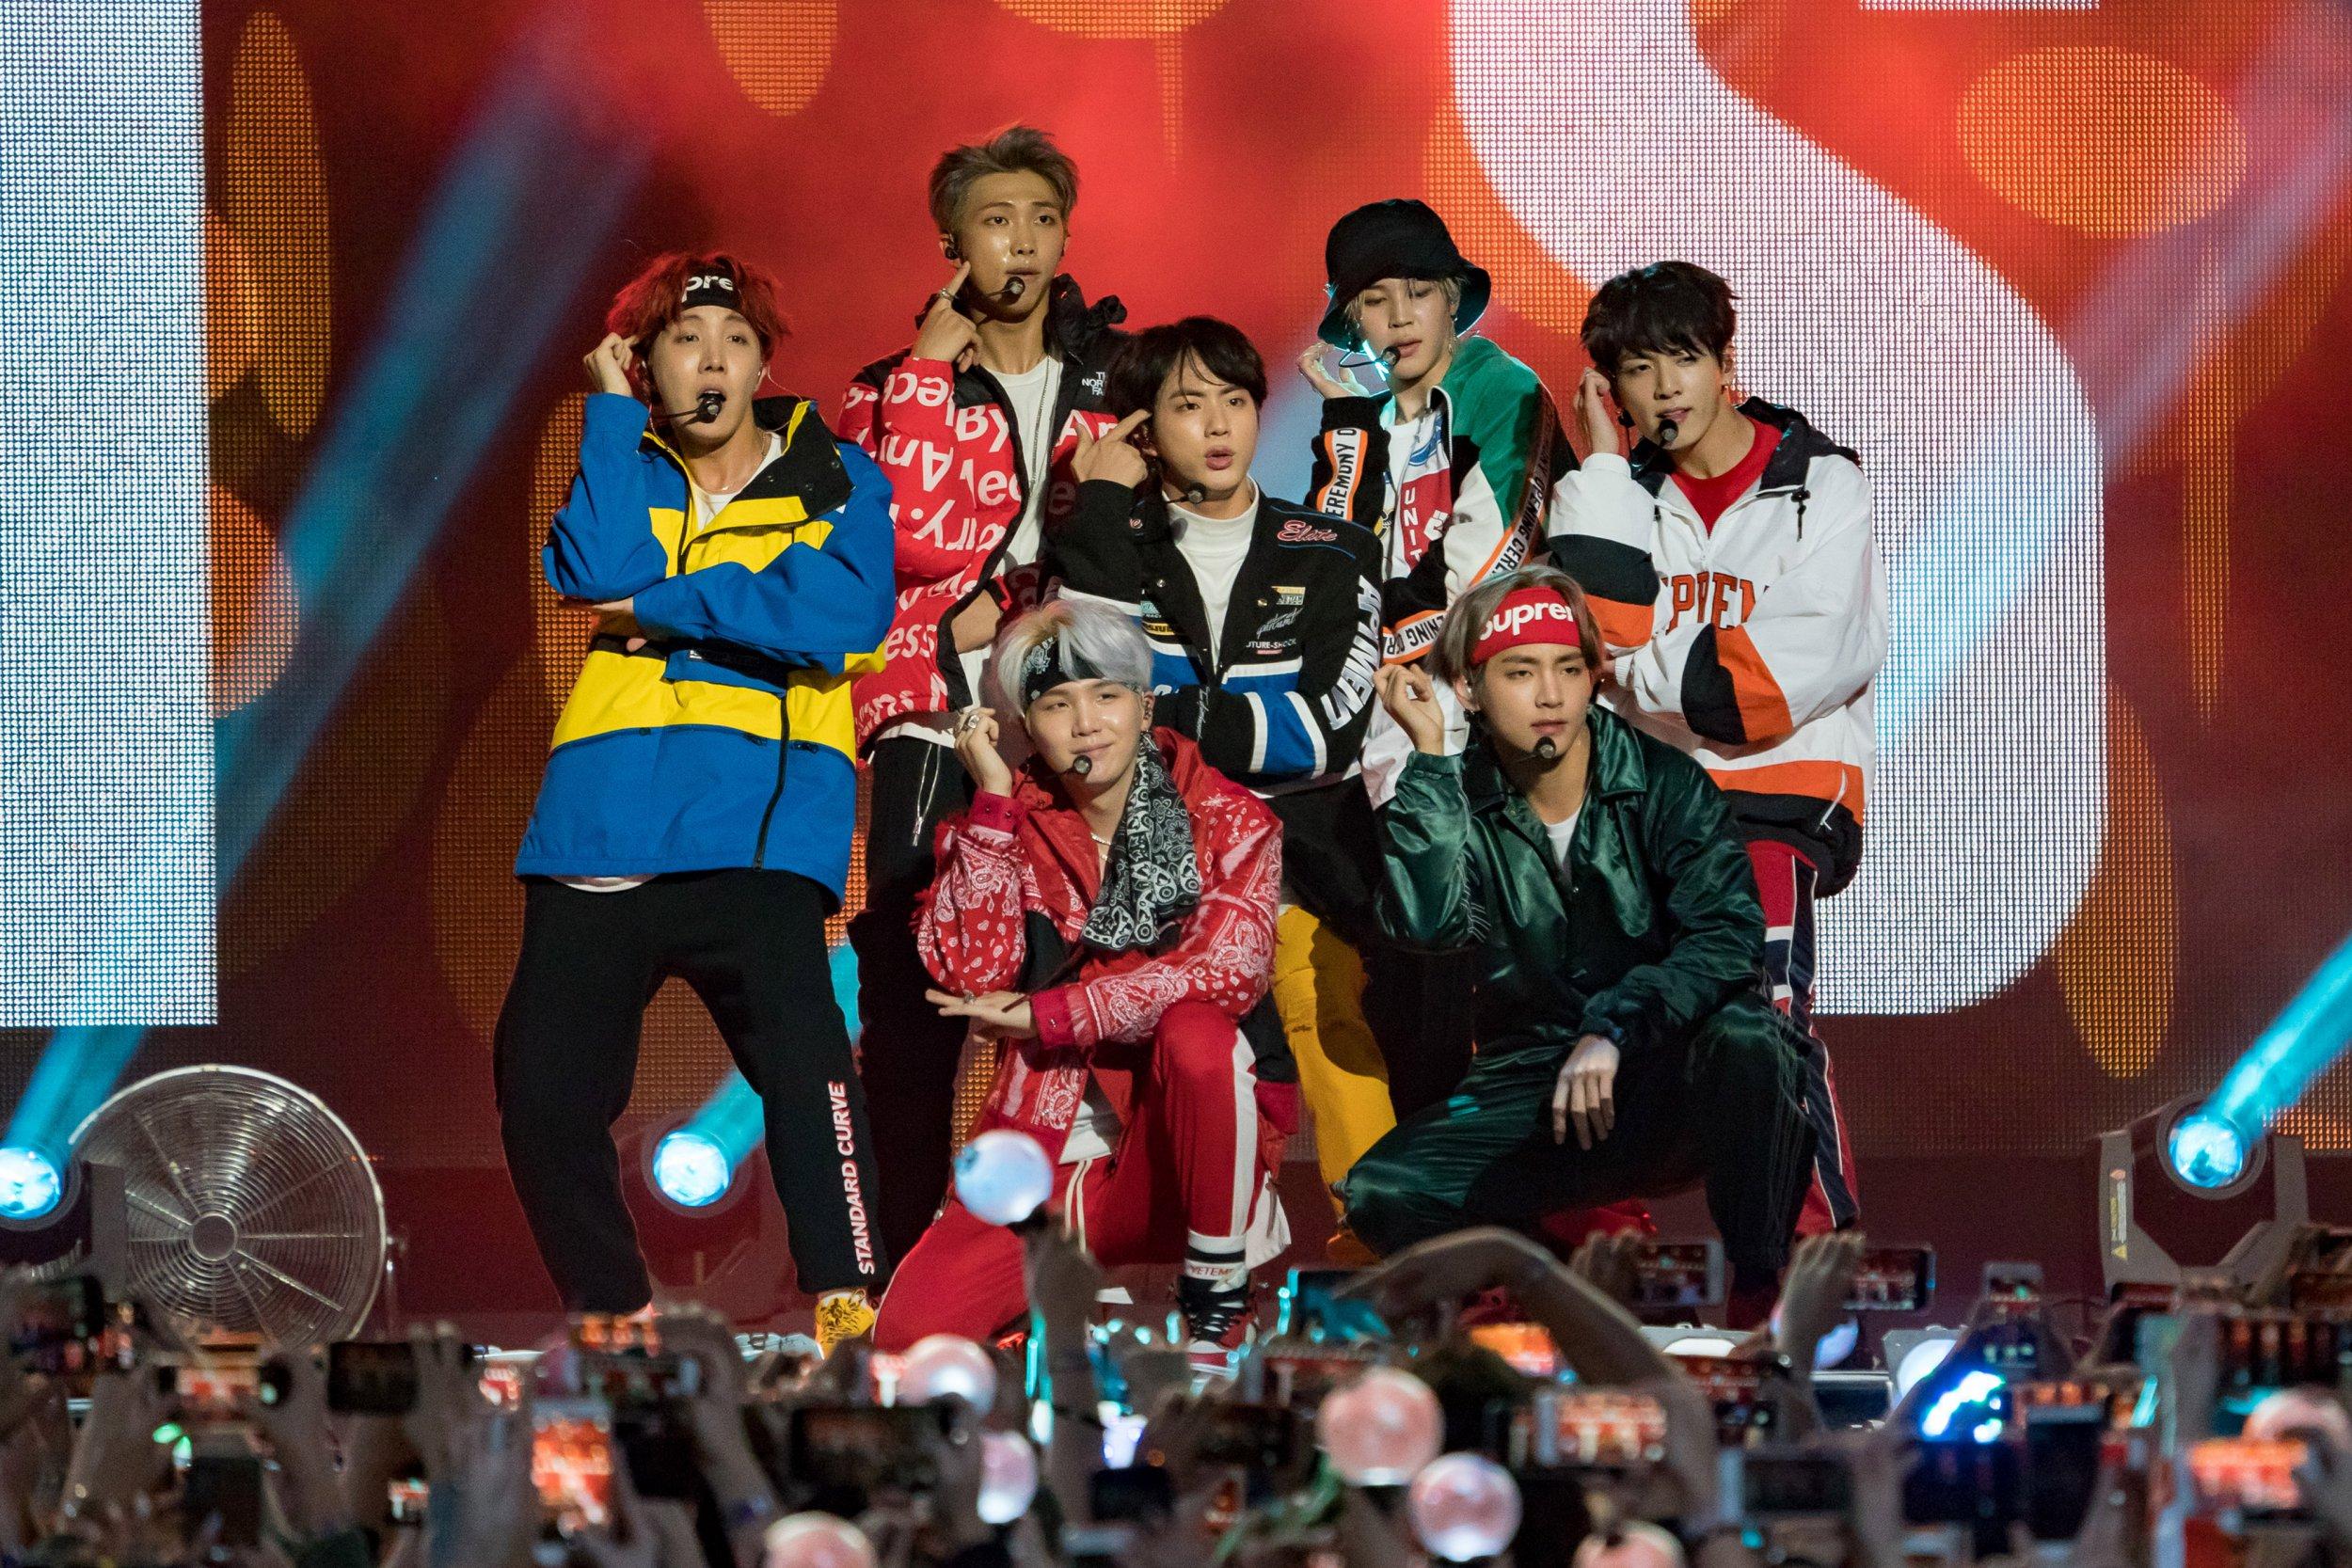 Korean K-pop band BTS